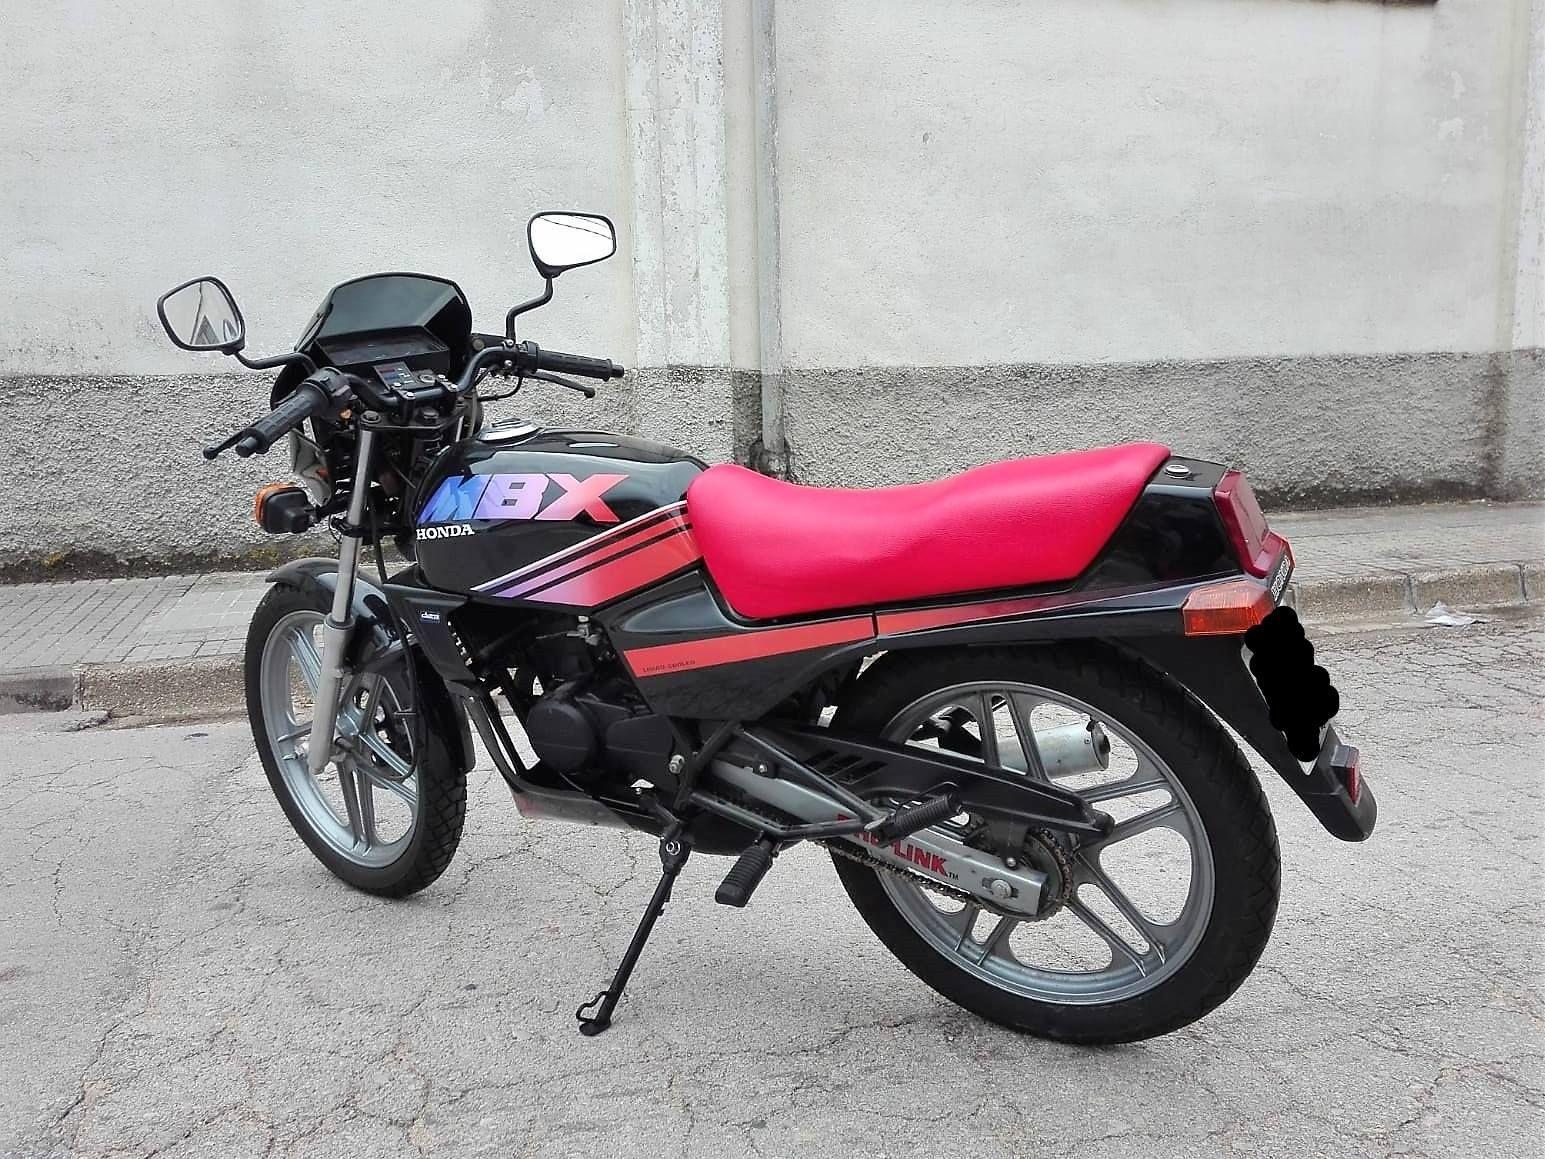 Taller de motos multimarca en Santa Coloma de Farners